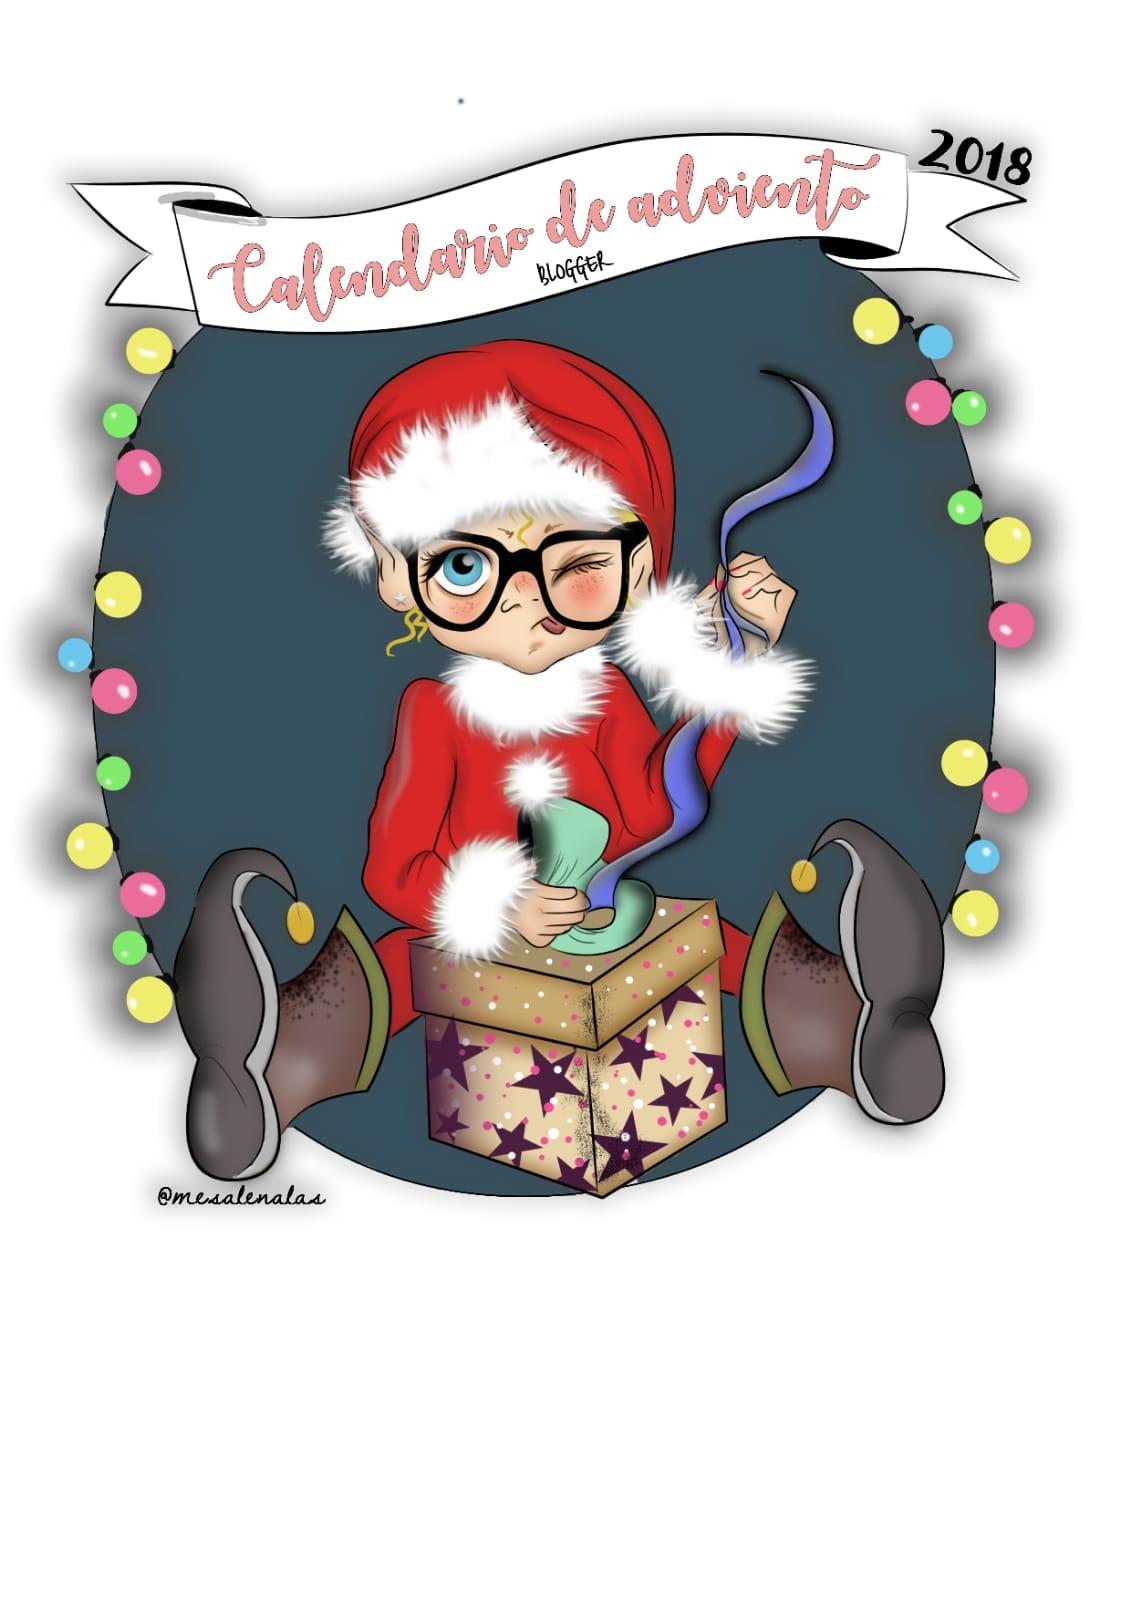 Cinco cuentos sobre la Navidad, logo del calendario de Adviento